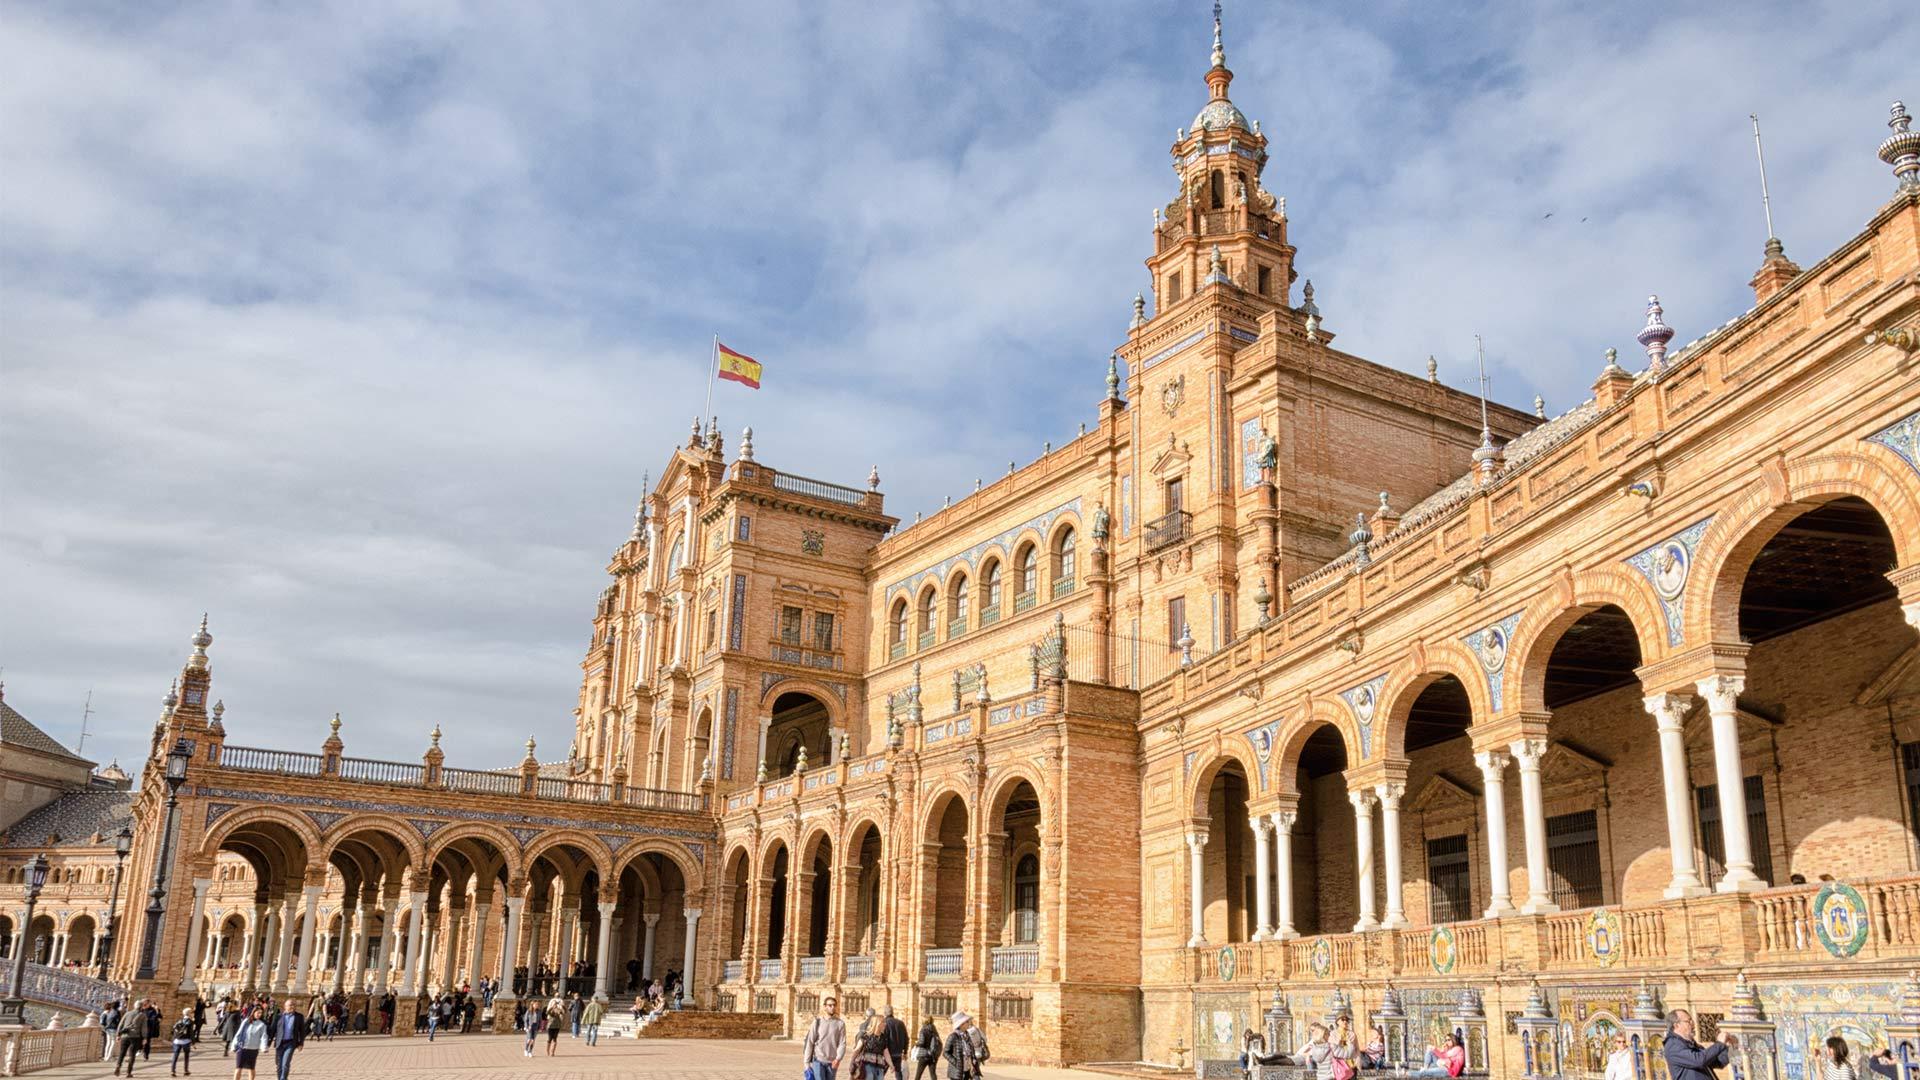 US-Seville-Spain-architecture-3266791